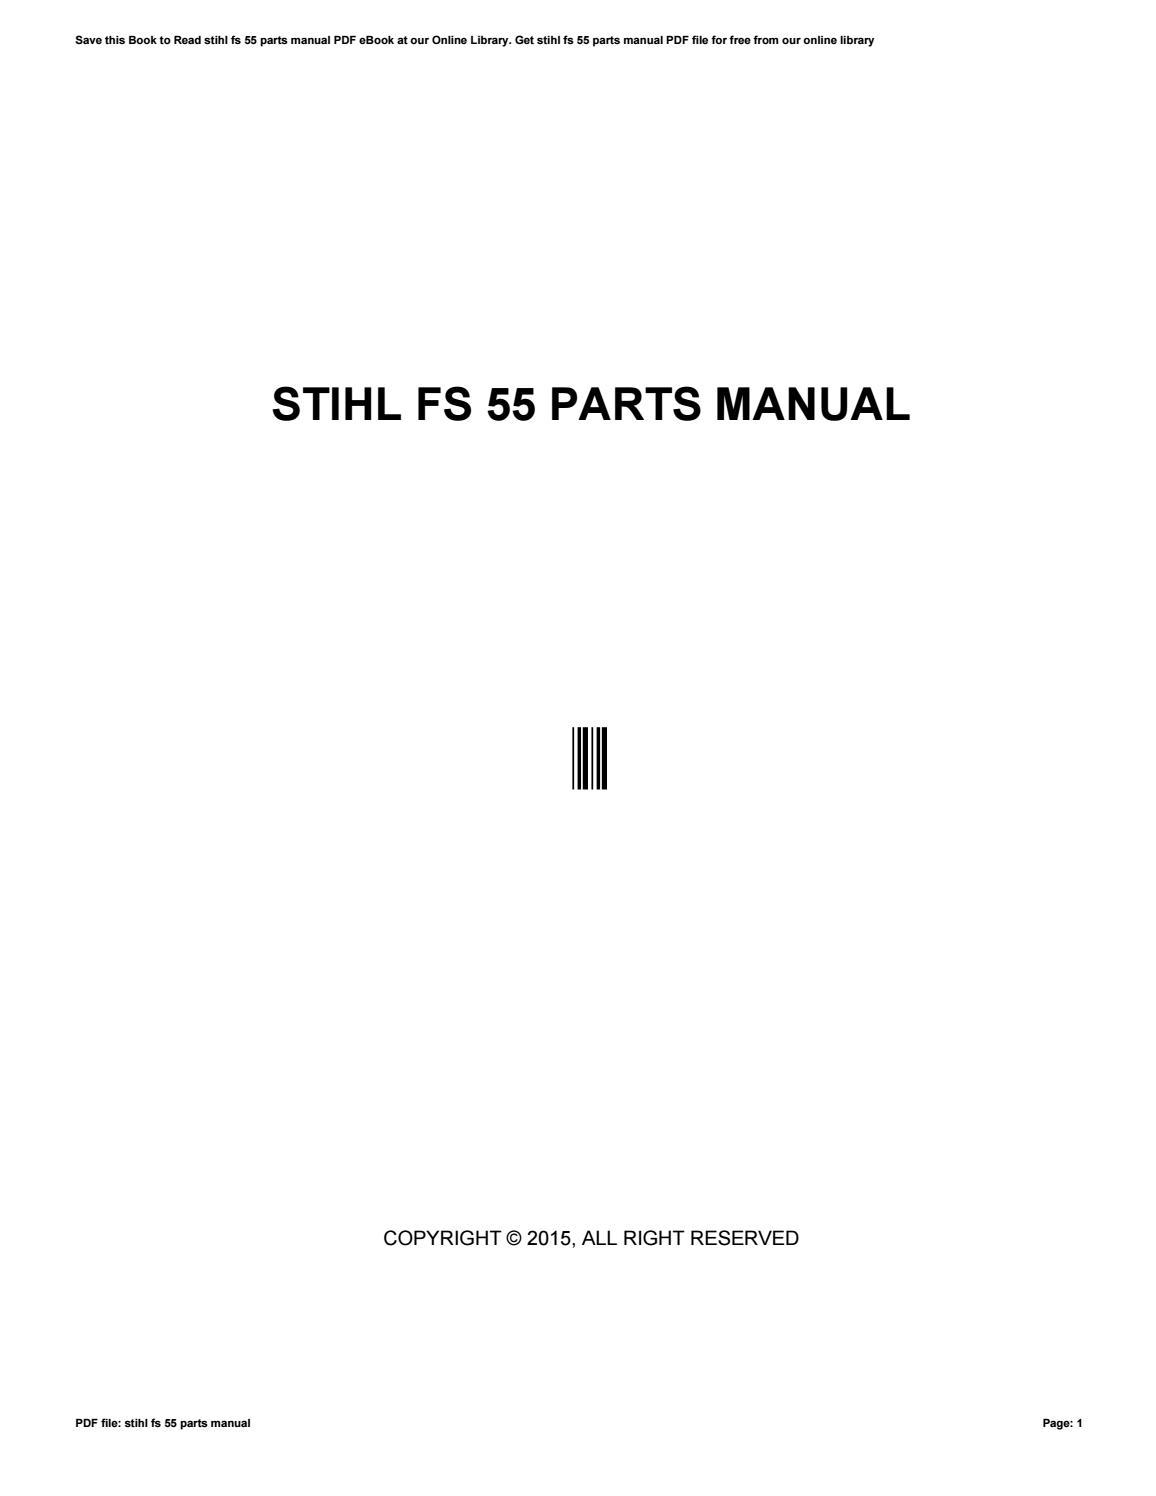 stihl fs55rc service manual ebook